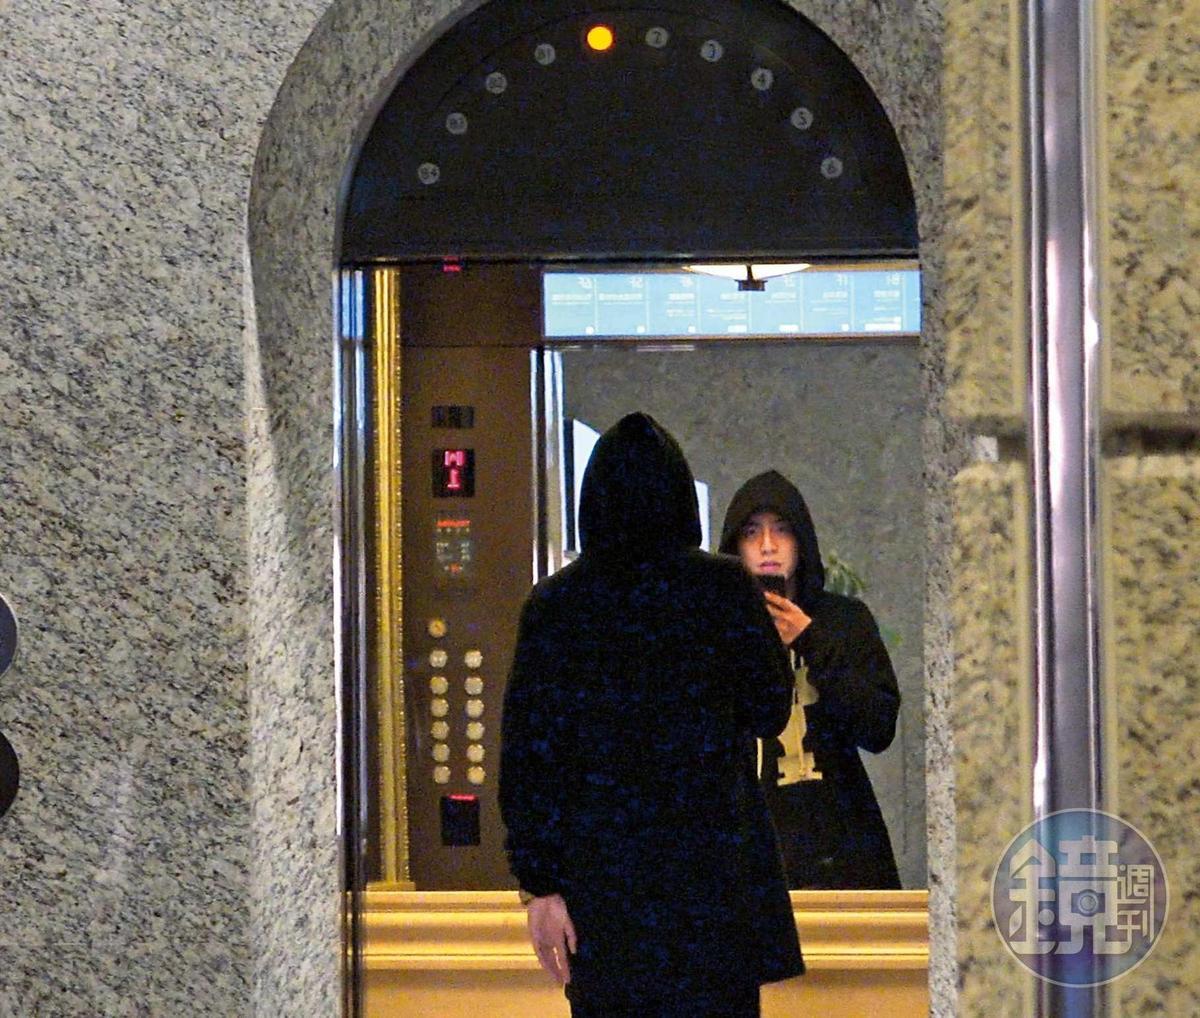 1月3日19:11,王大陸赴成龍飯局,進了電梯卻不關門,看似忙著拿手機錄音,還要對著鏡子,滿自戀的。